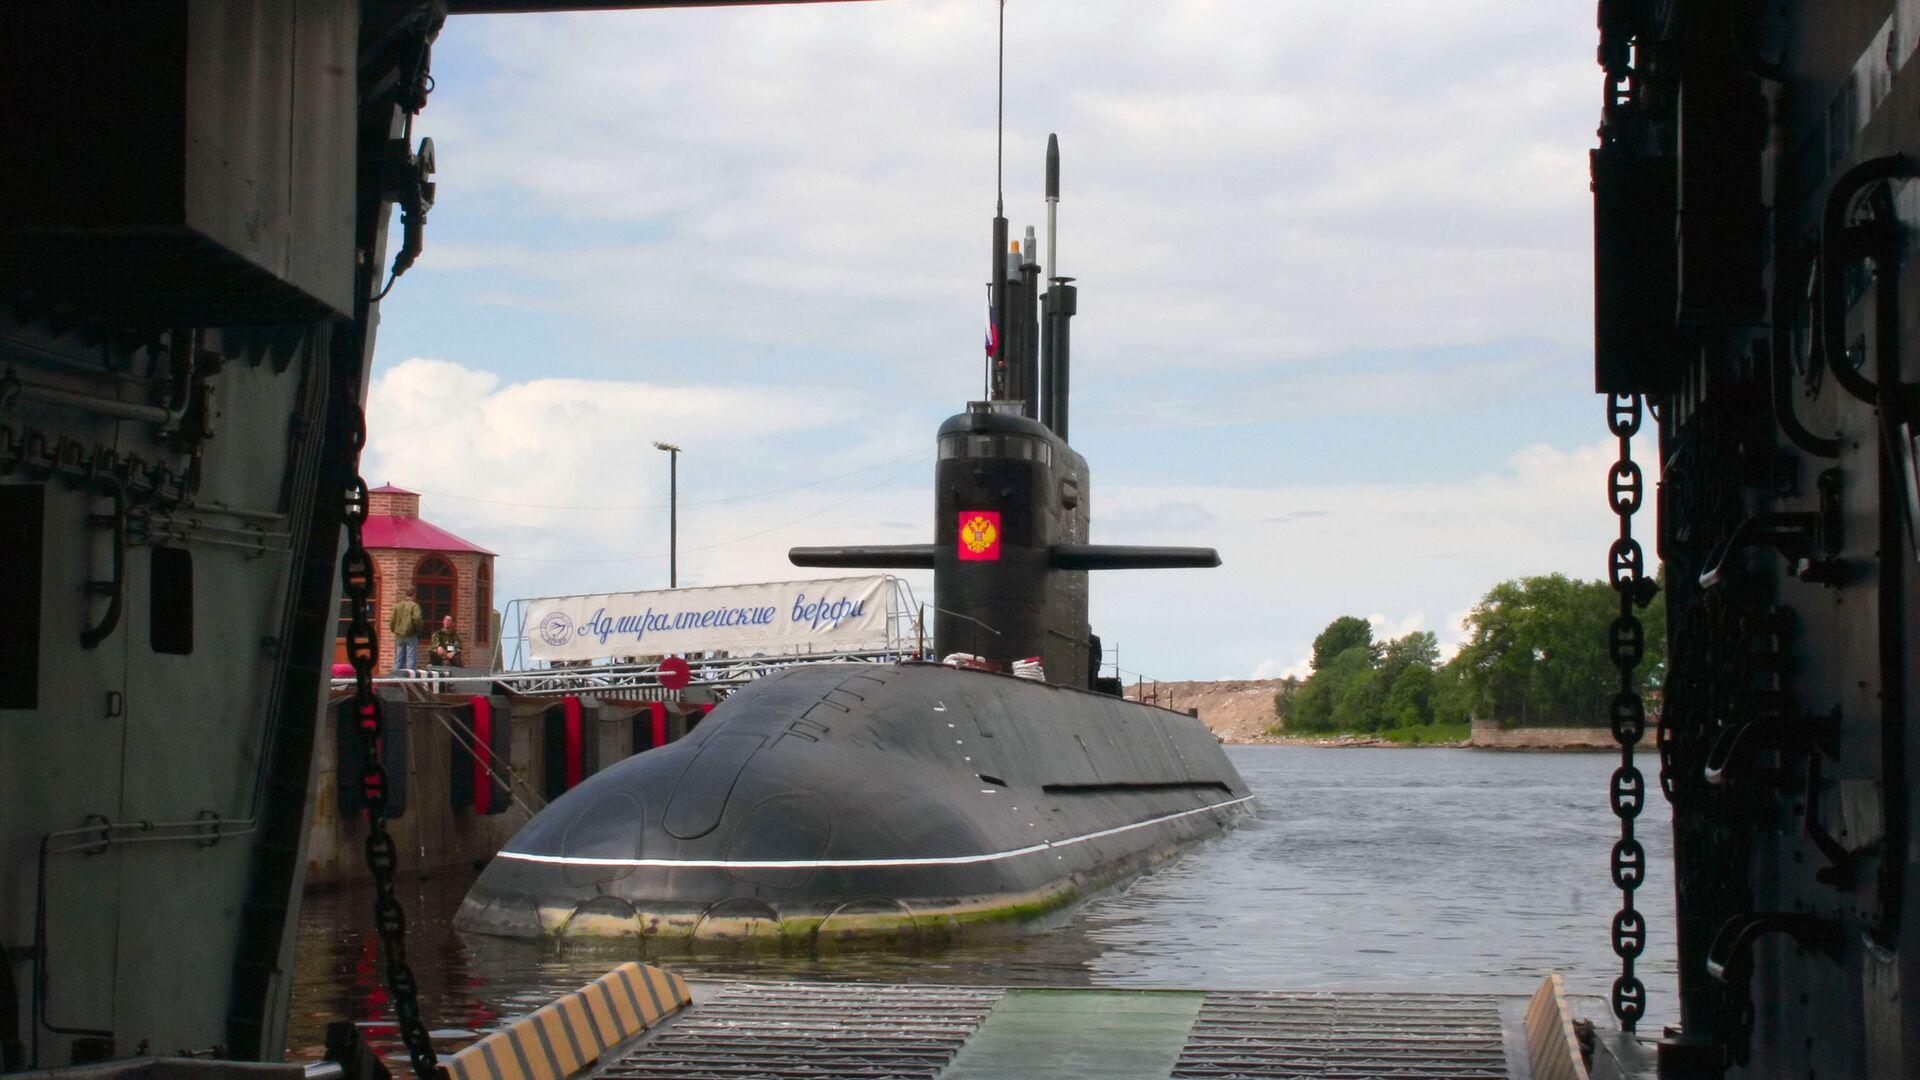 Дизельная подводная лодка Санкт-Петербург - РИА Новости, 1920, 13.05.2021